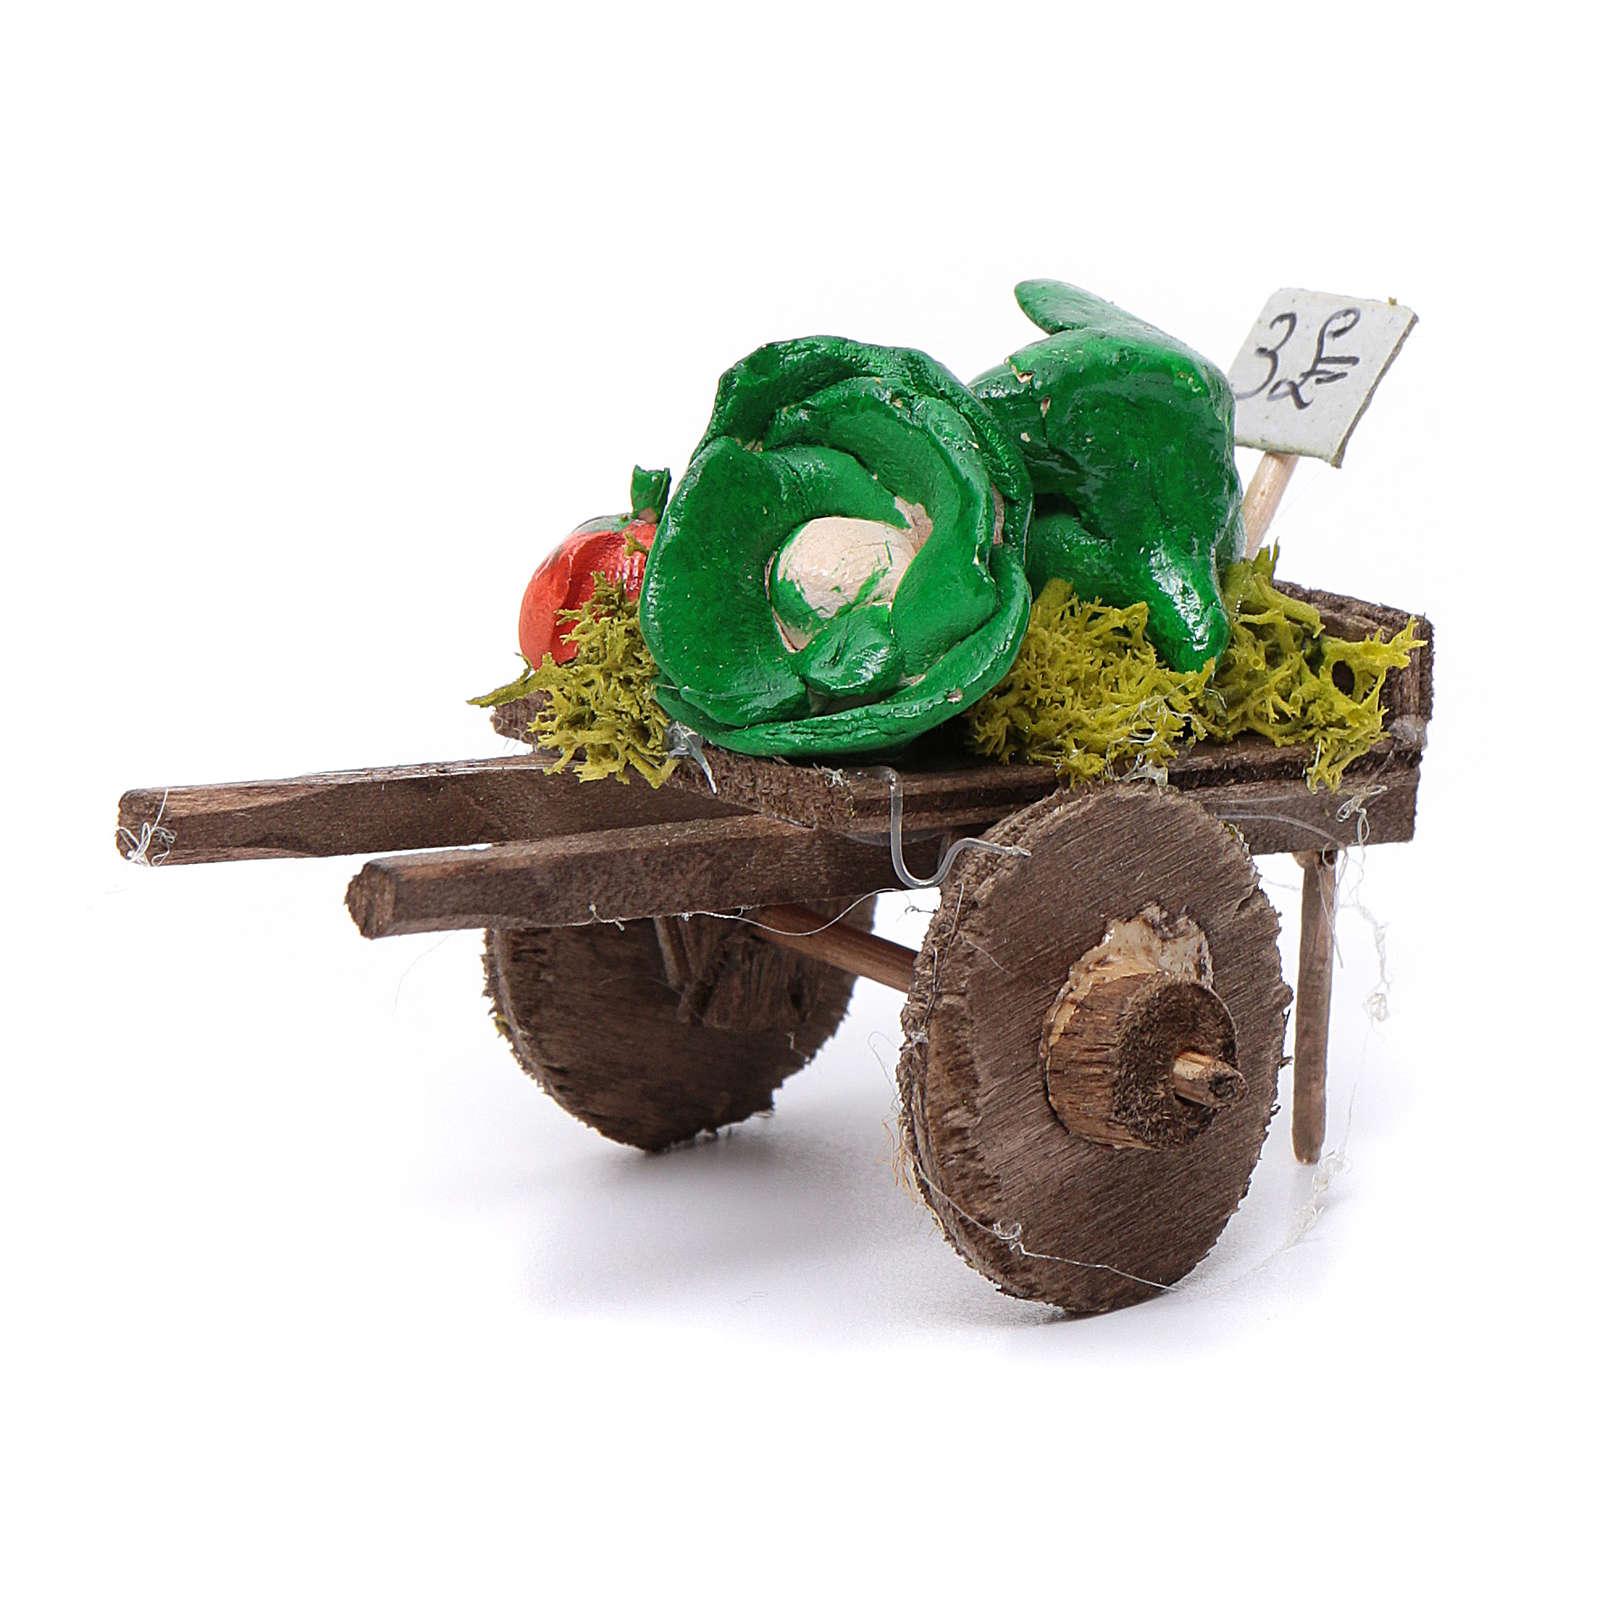 Char fruits et légumes crèche napolitaine 5,5x7,5x5,5cm 4